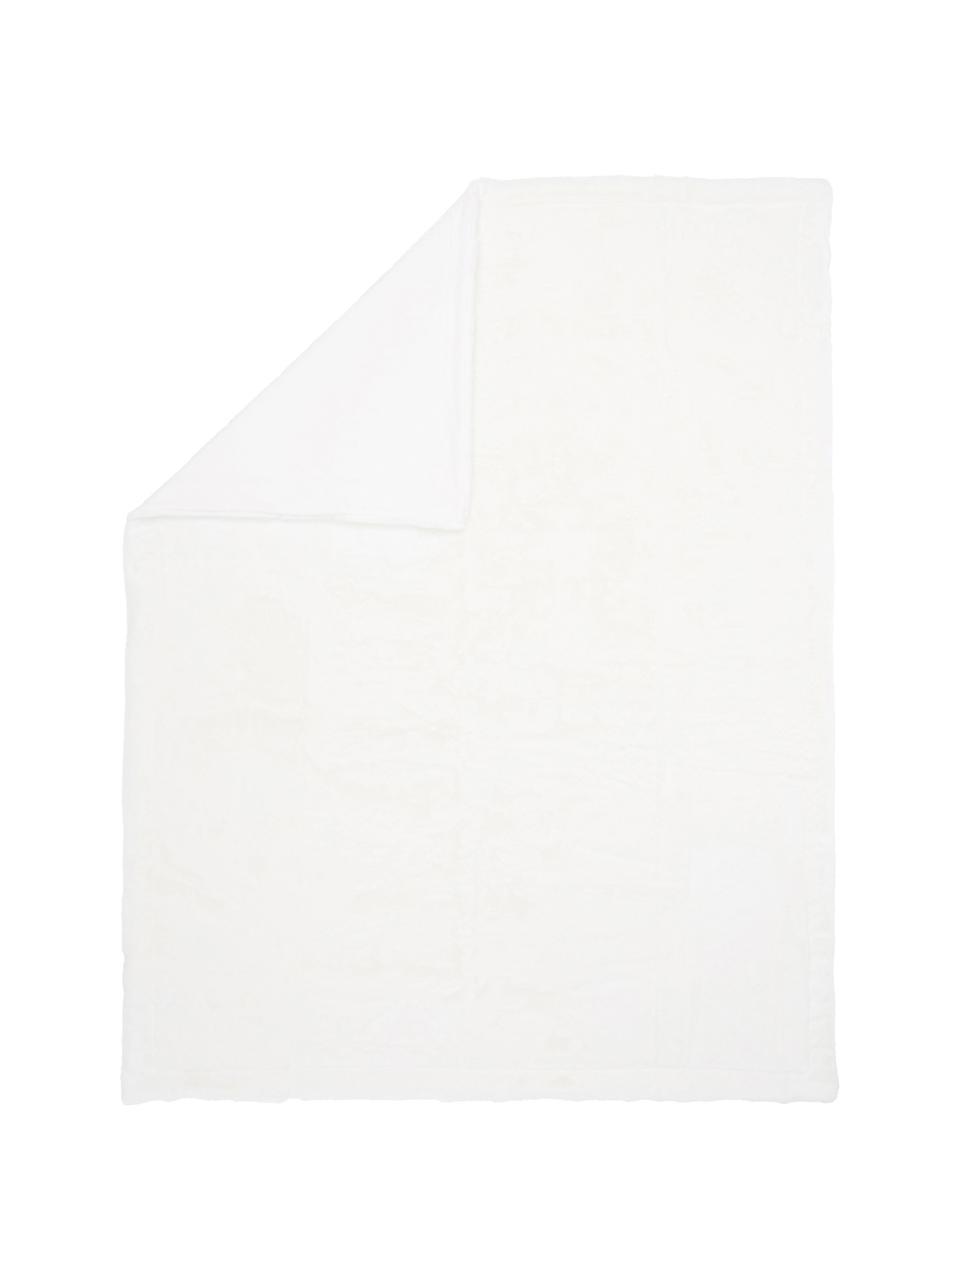 Manta de piel sintética Mette, lisa, Parte superior: 100% poliéster, Parte trasera: 100% poliéster, Crema, An 150 x L 200 cm